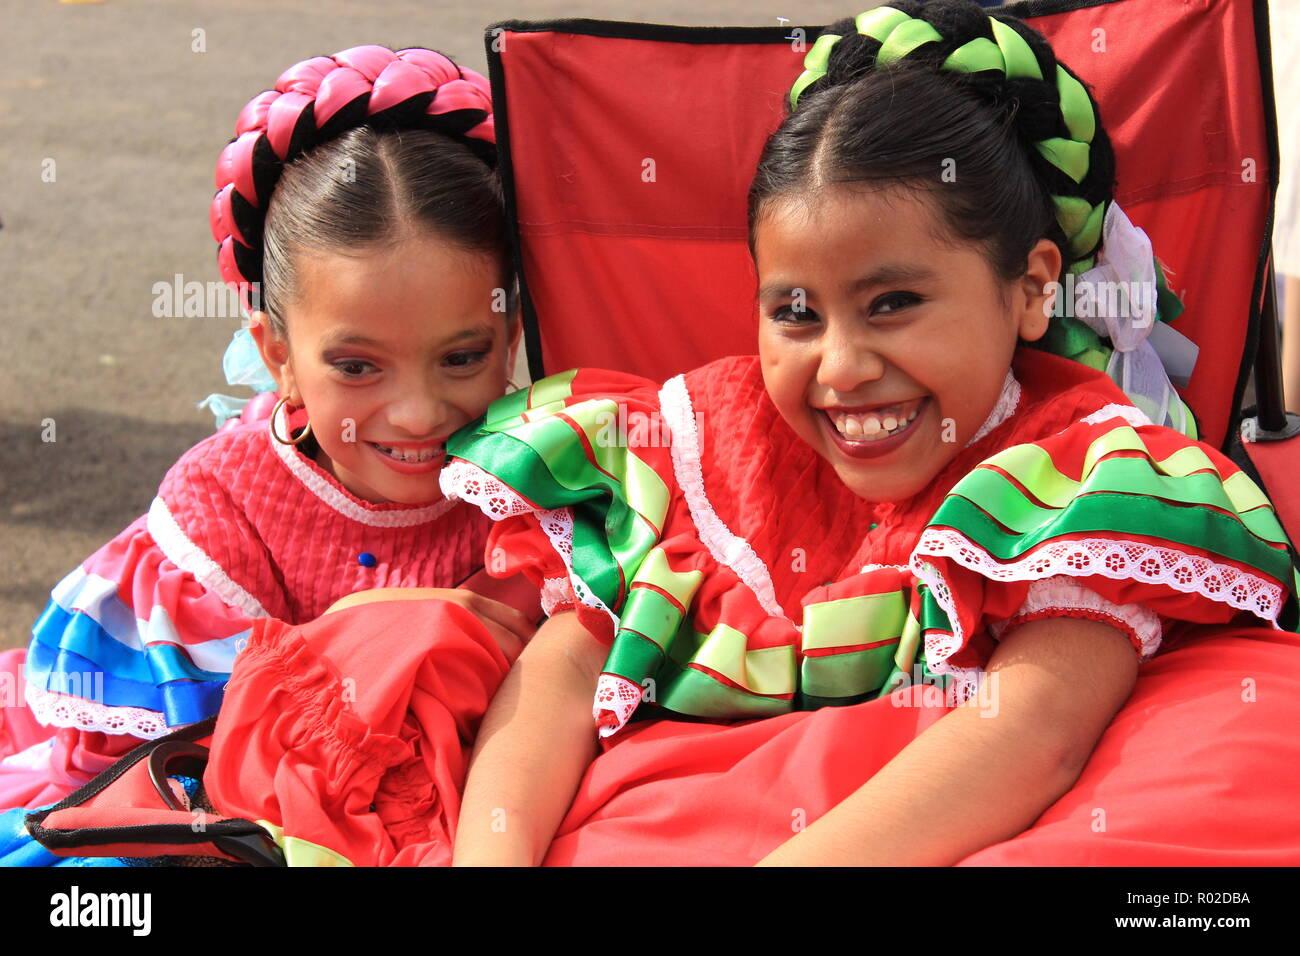 cc0e54fbf3a7 Le giovani ragazze in tradizionali abiti messicani hanno divertimento  mentre sono in attesa per le loro prestazioni